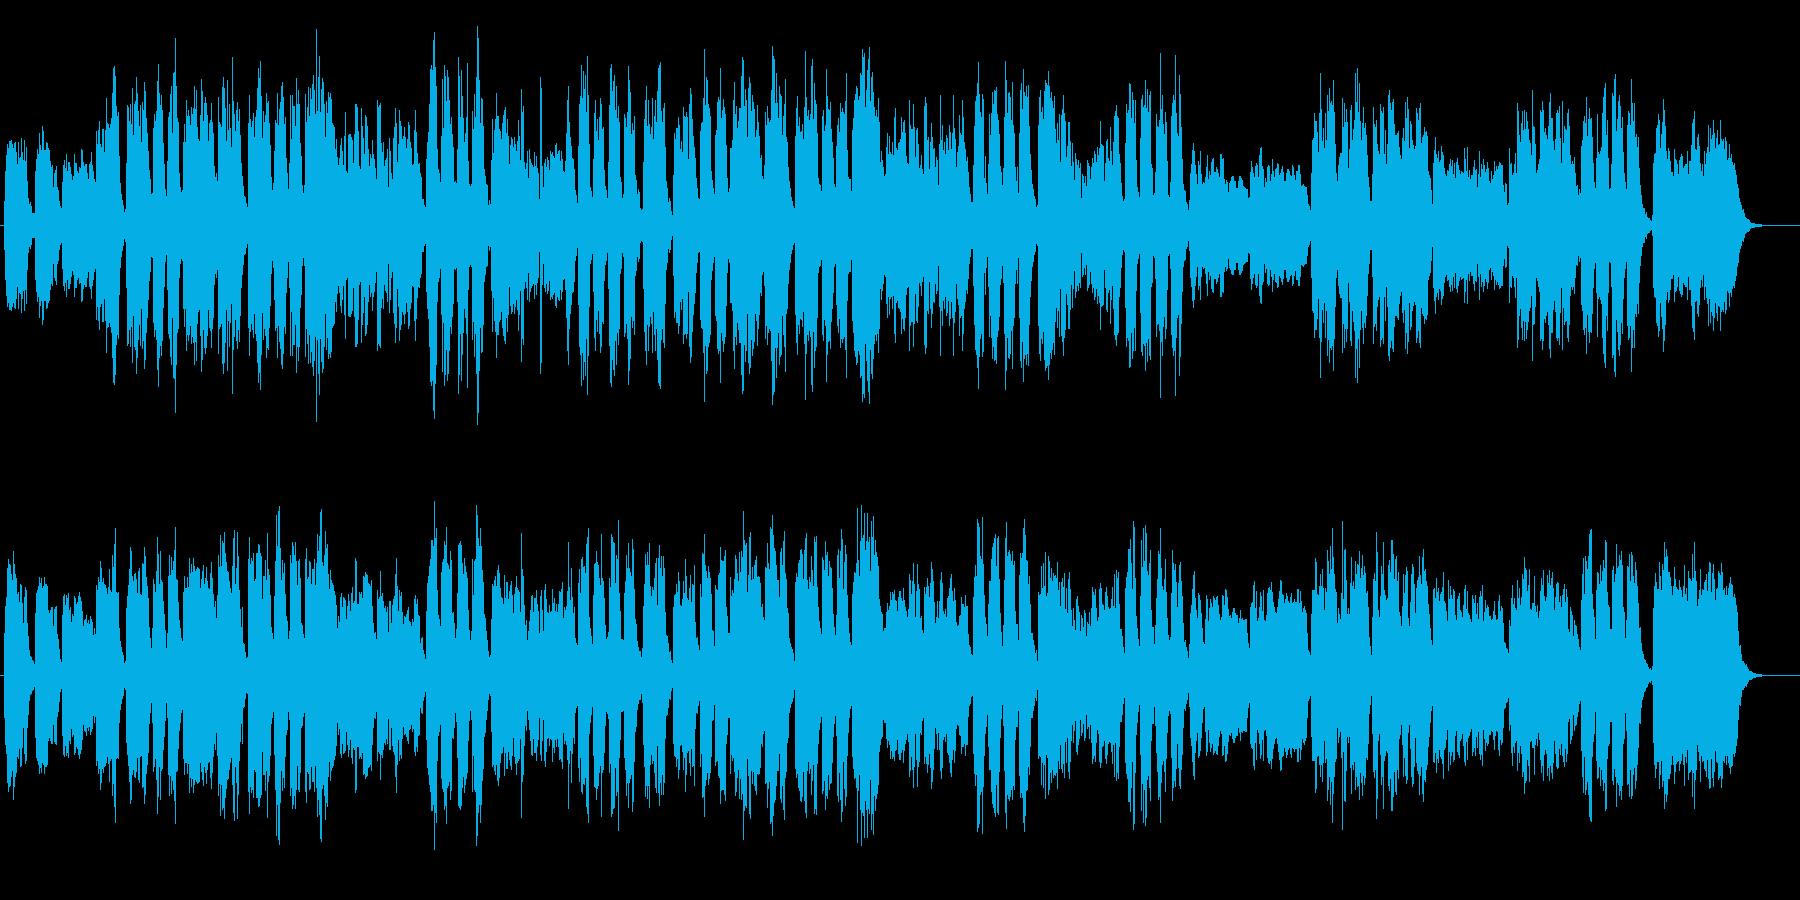 クラシック ハレルヤ合唱 パイプオルガンの再生済みの波形